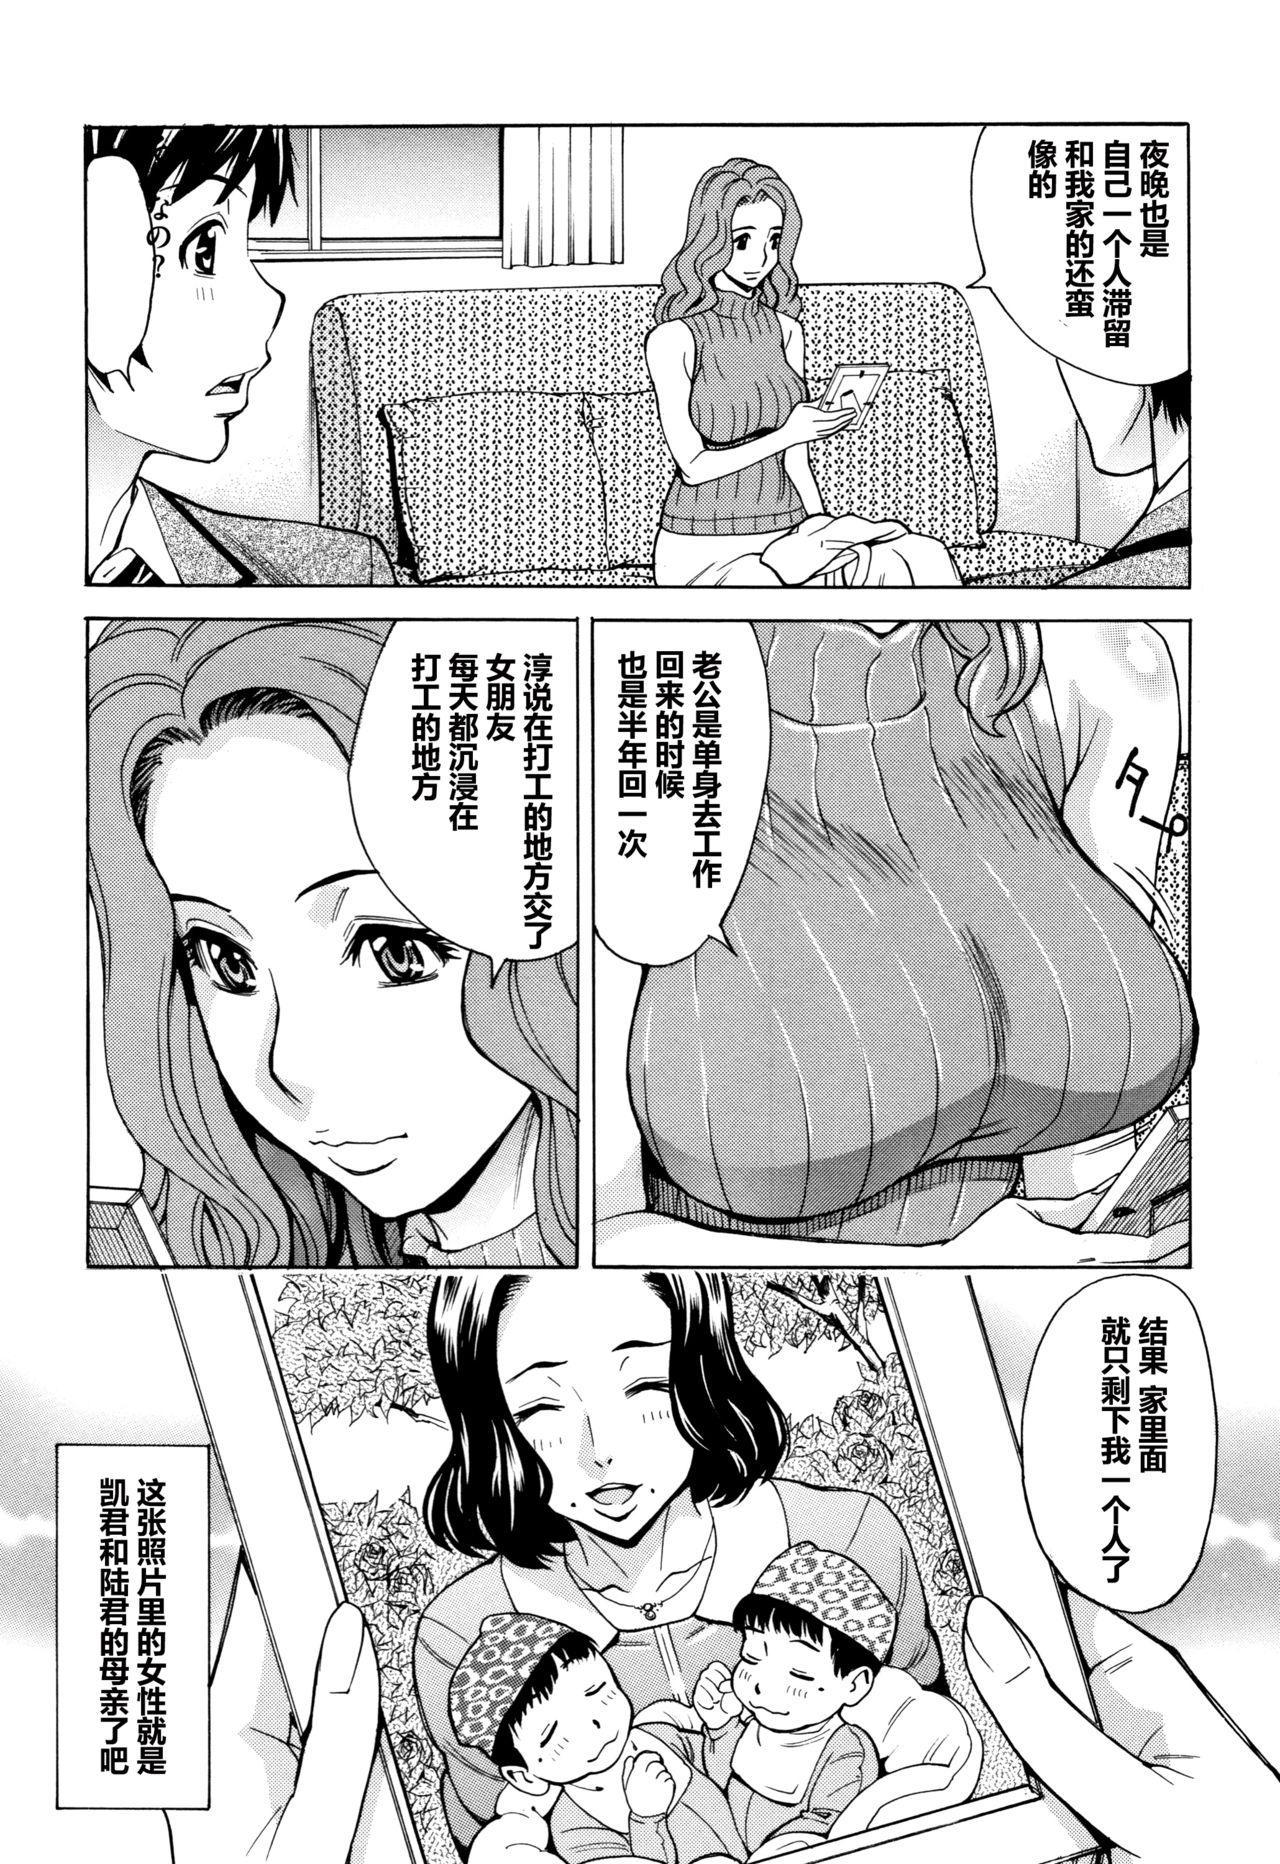 Oba-san dakedo, Daite Hoshii. 179